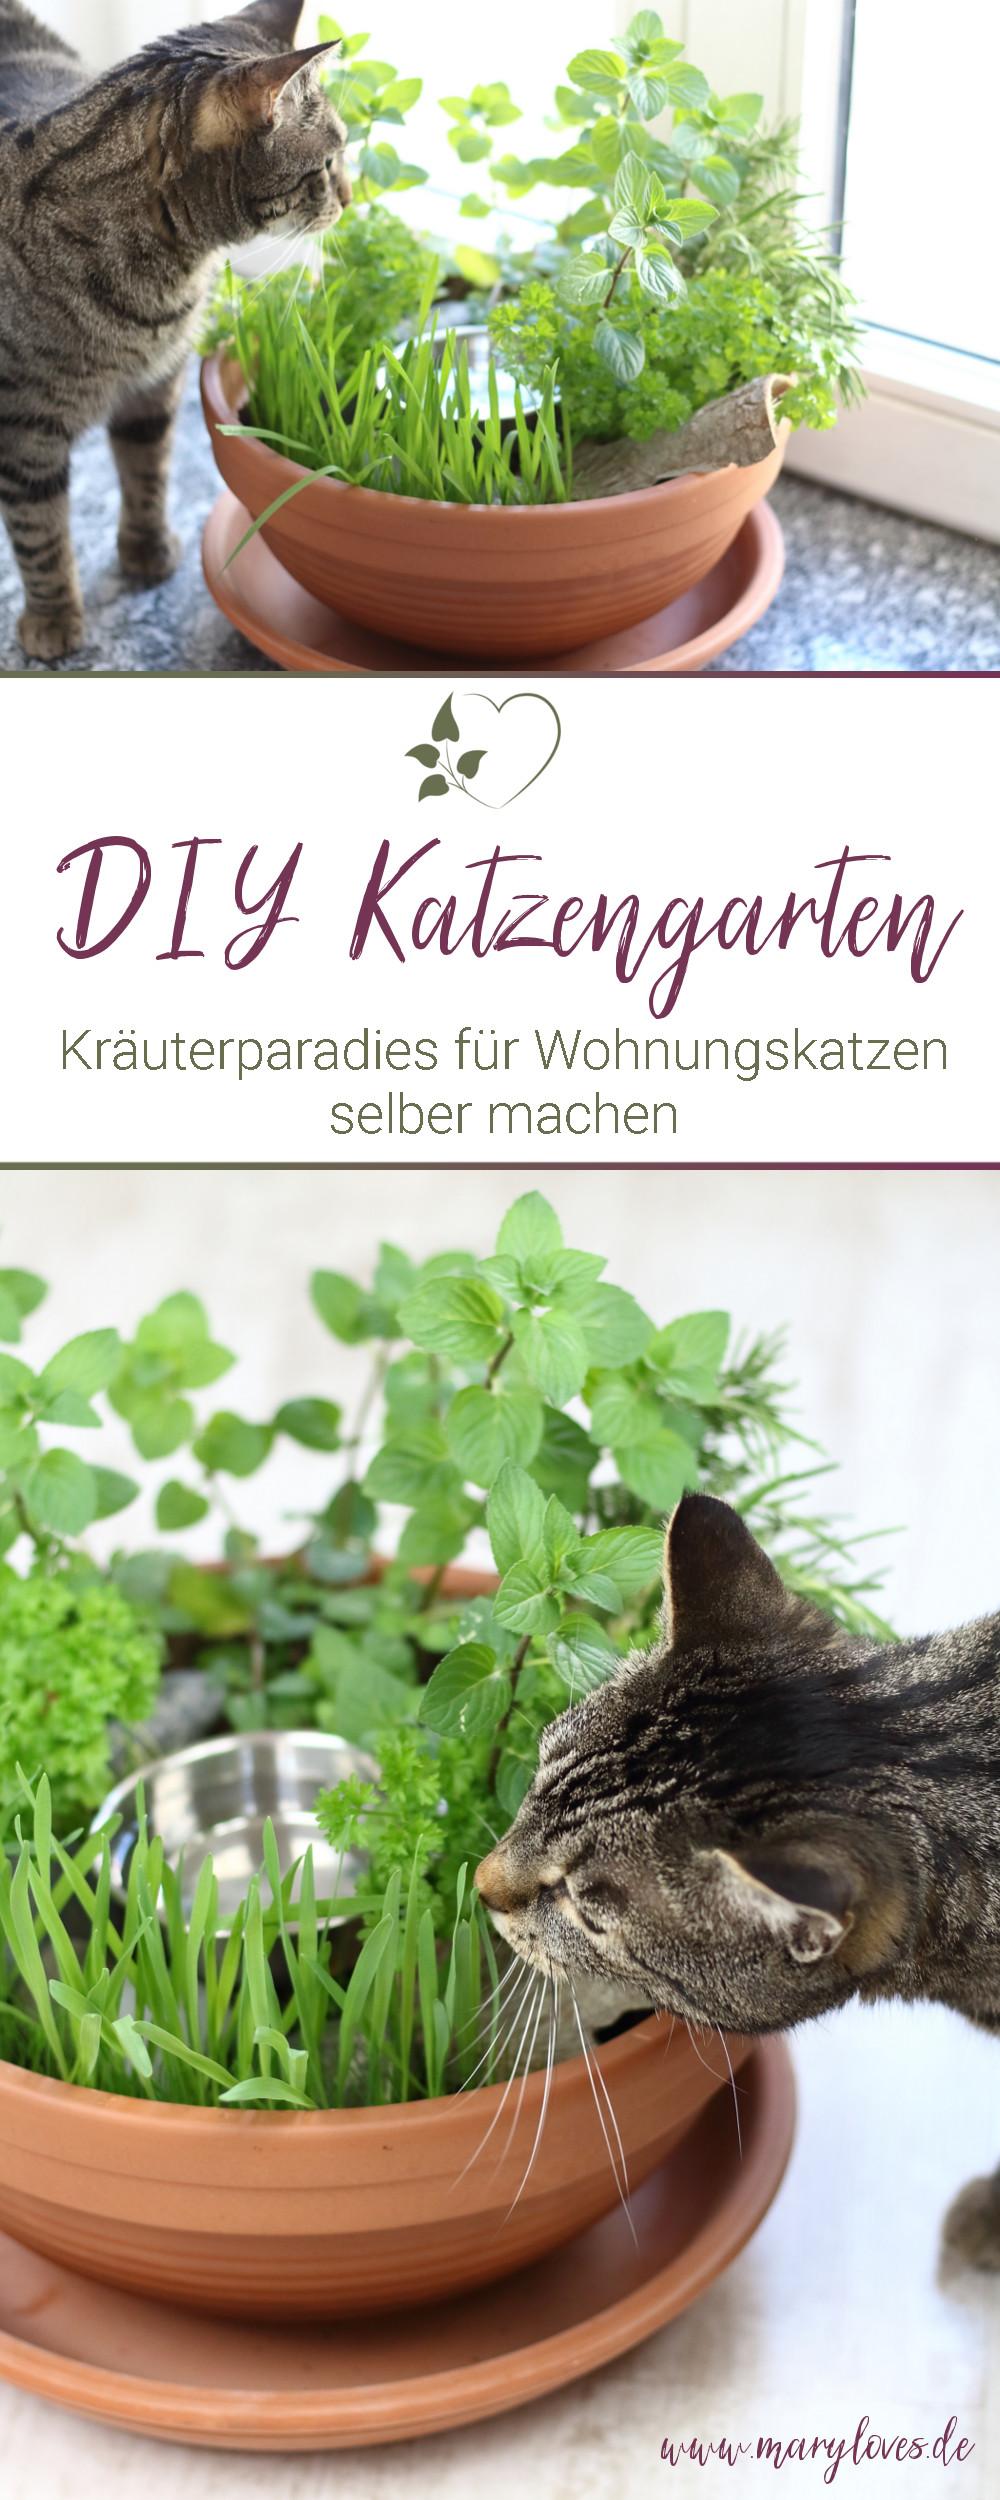 [Anzeige] DIY-Katzengarten für Wohnungskatzen gestalten & bepflanzen - #katze #katzengarten #diykatzengarten #katzendiy #kräutergarten #katzenkräuter